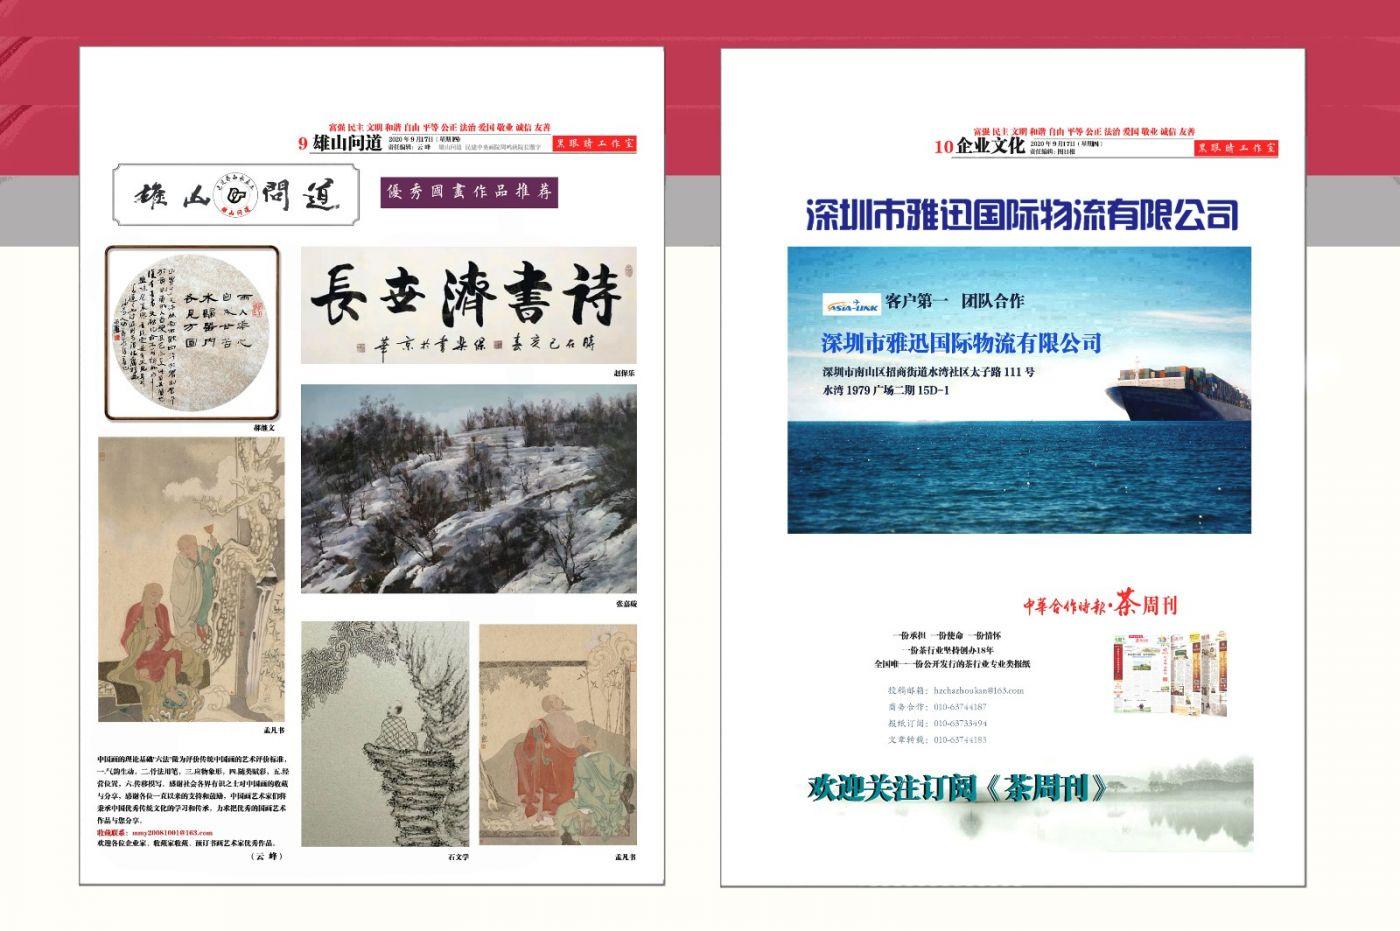 漠墨园艺术数字平台   总第六期_图1-3